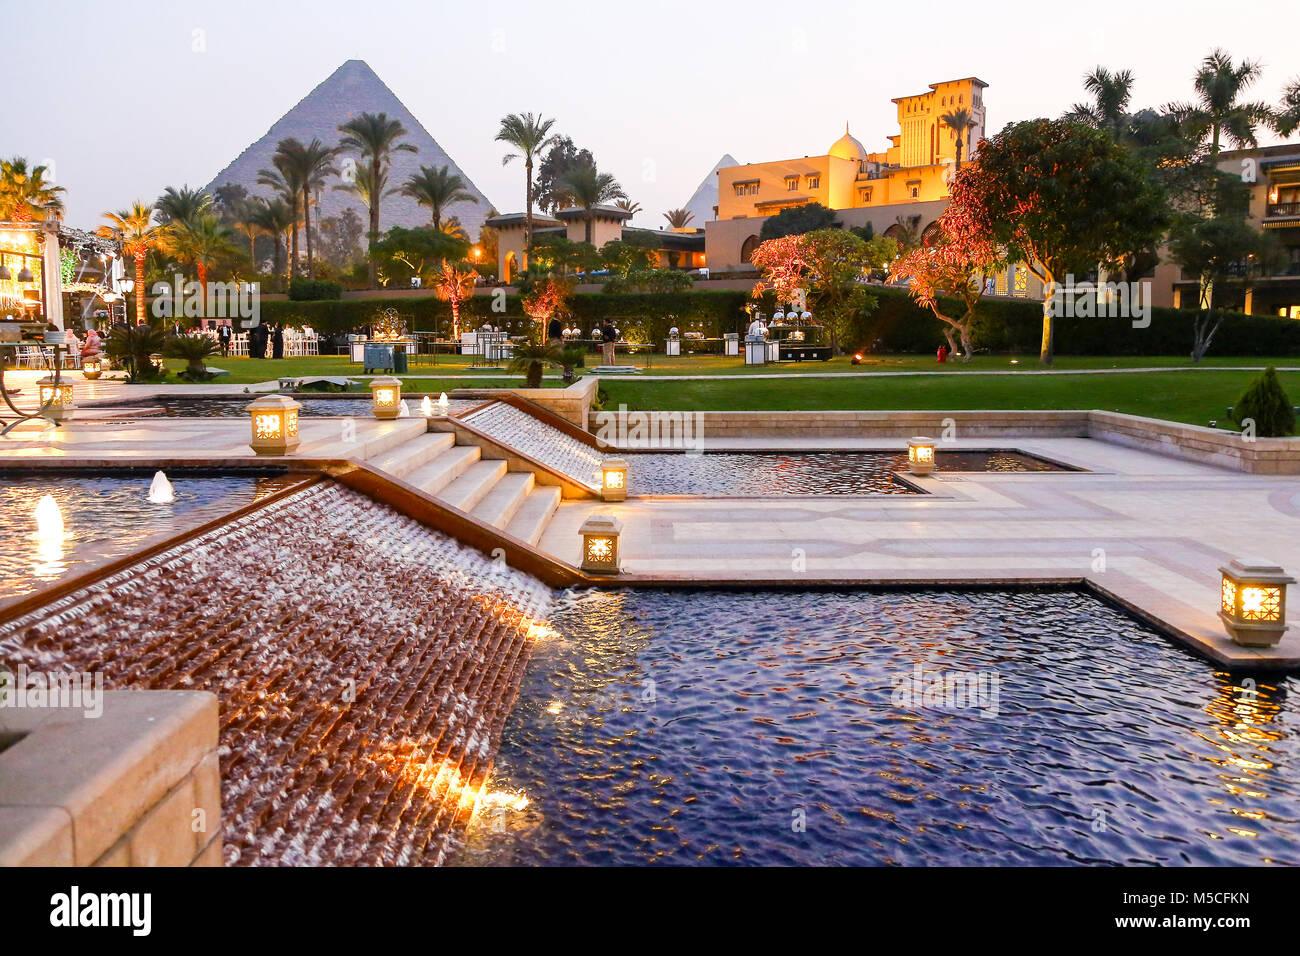 Soir ou la nuit vue de la Mena House Hotel, avec les pyramides en arrière-plan, Giza, Cairo, Égypte, Afrique Photo Stock